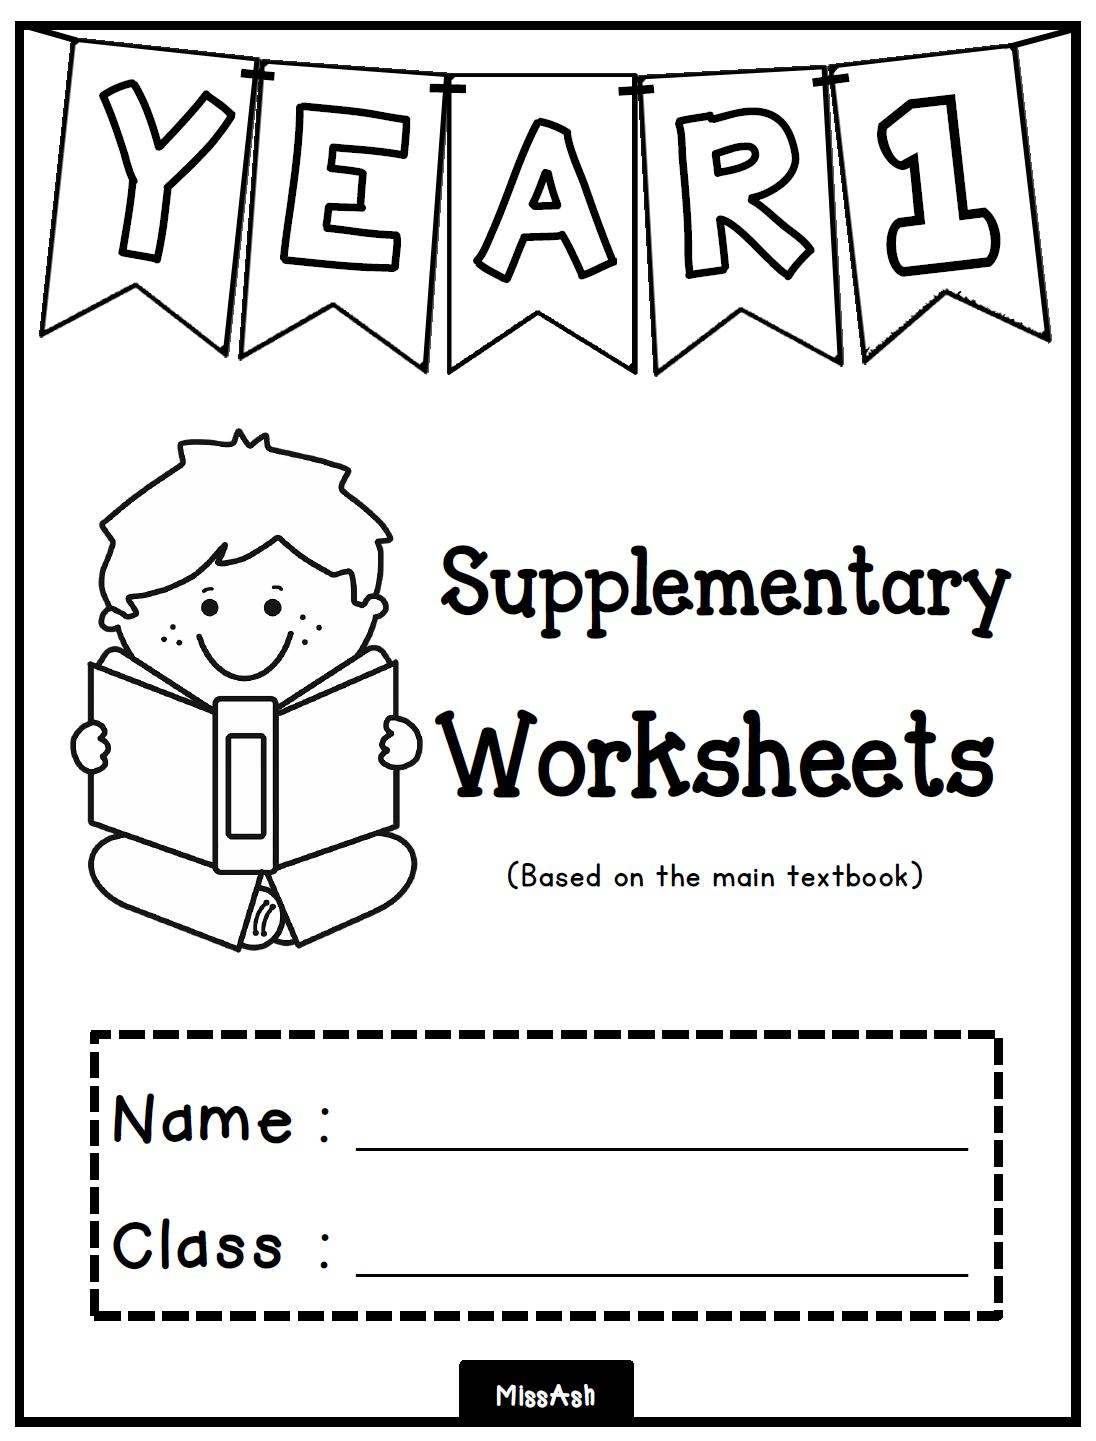 English Year 1 Cefr Worksheet